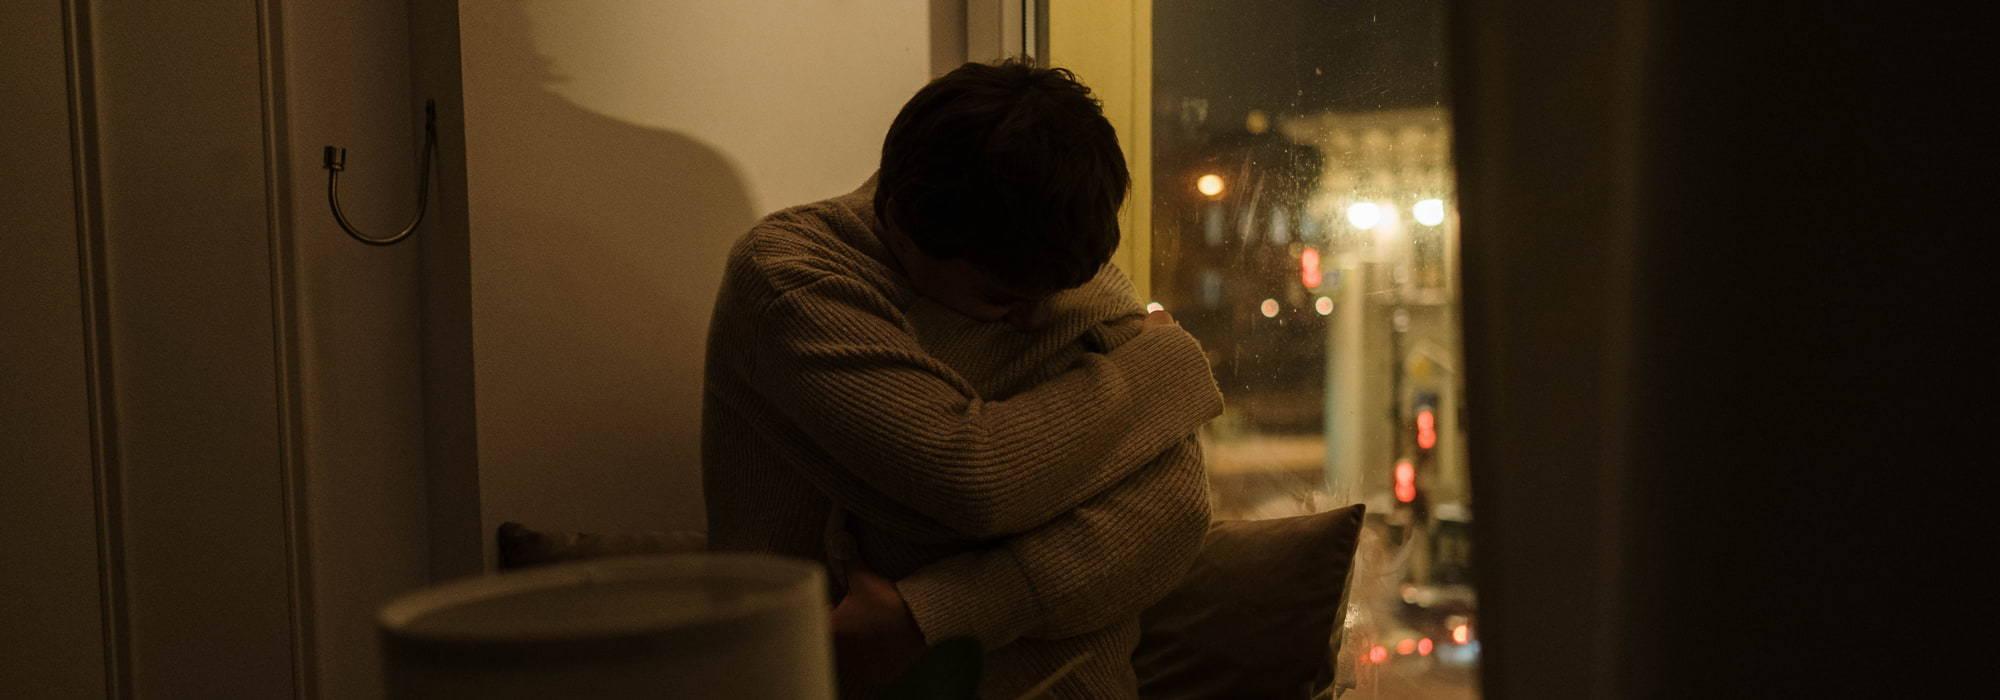 成晚訓唔著點算好?|4種有效方法教你應對長期失眠問題